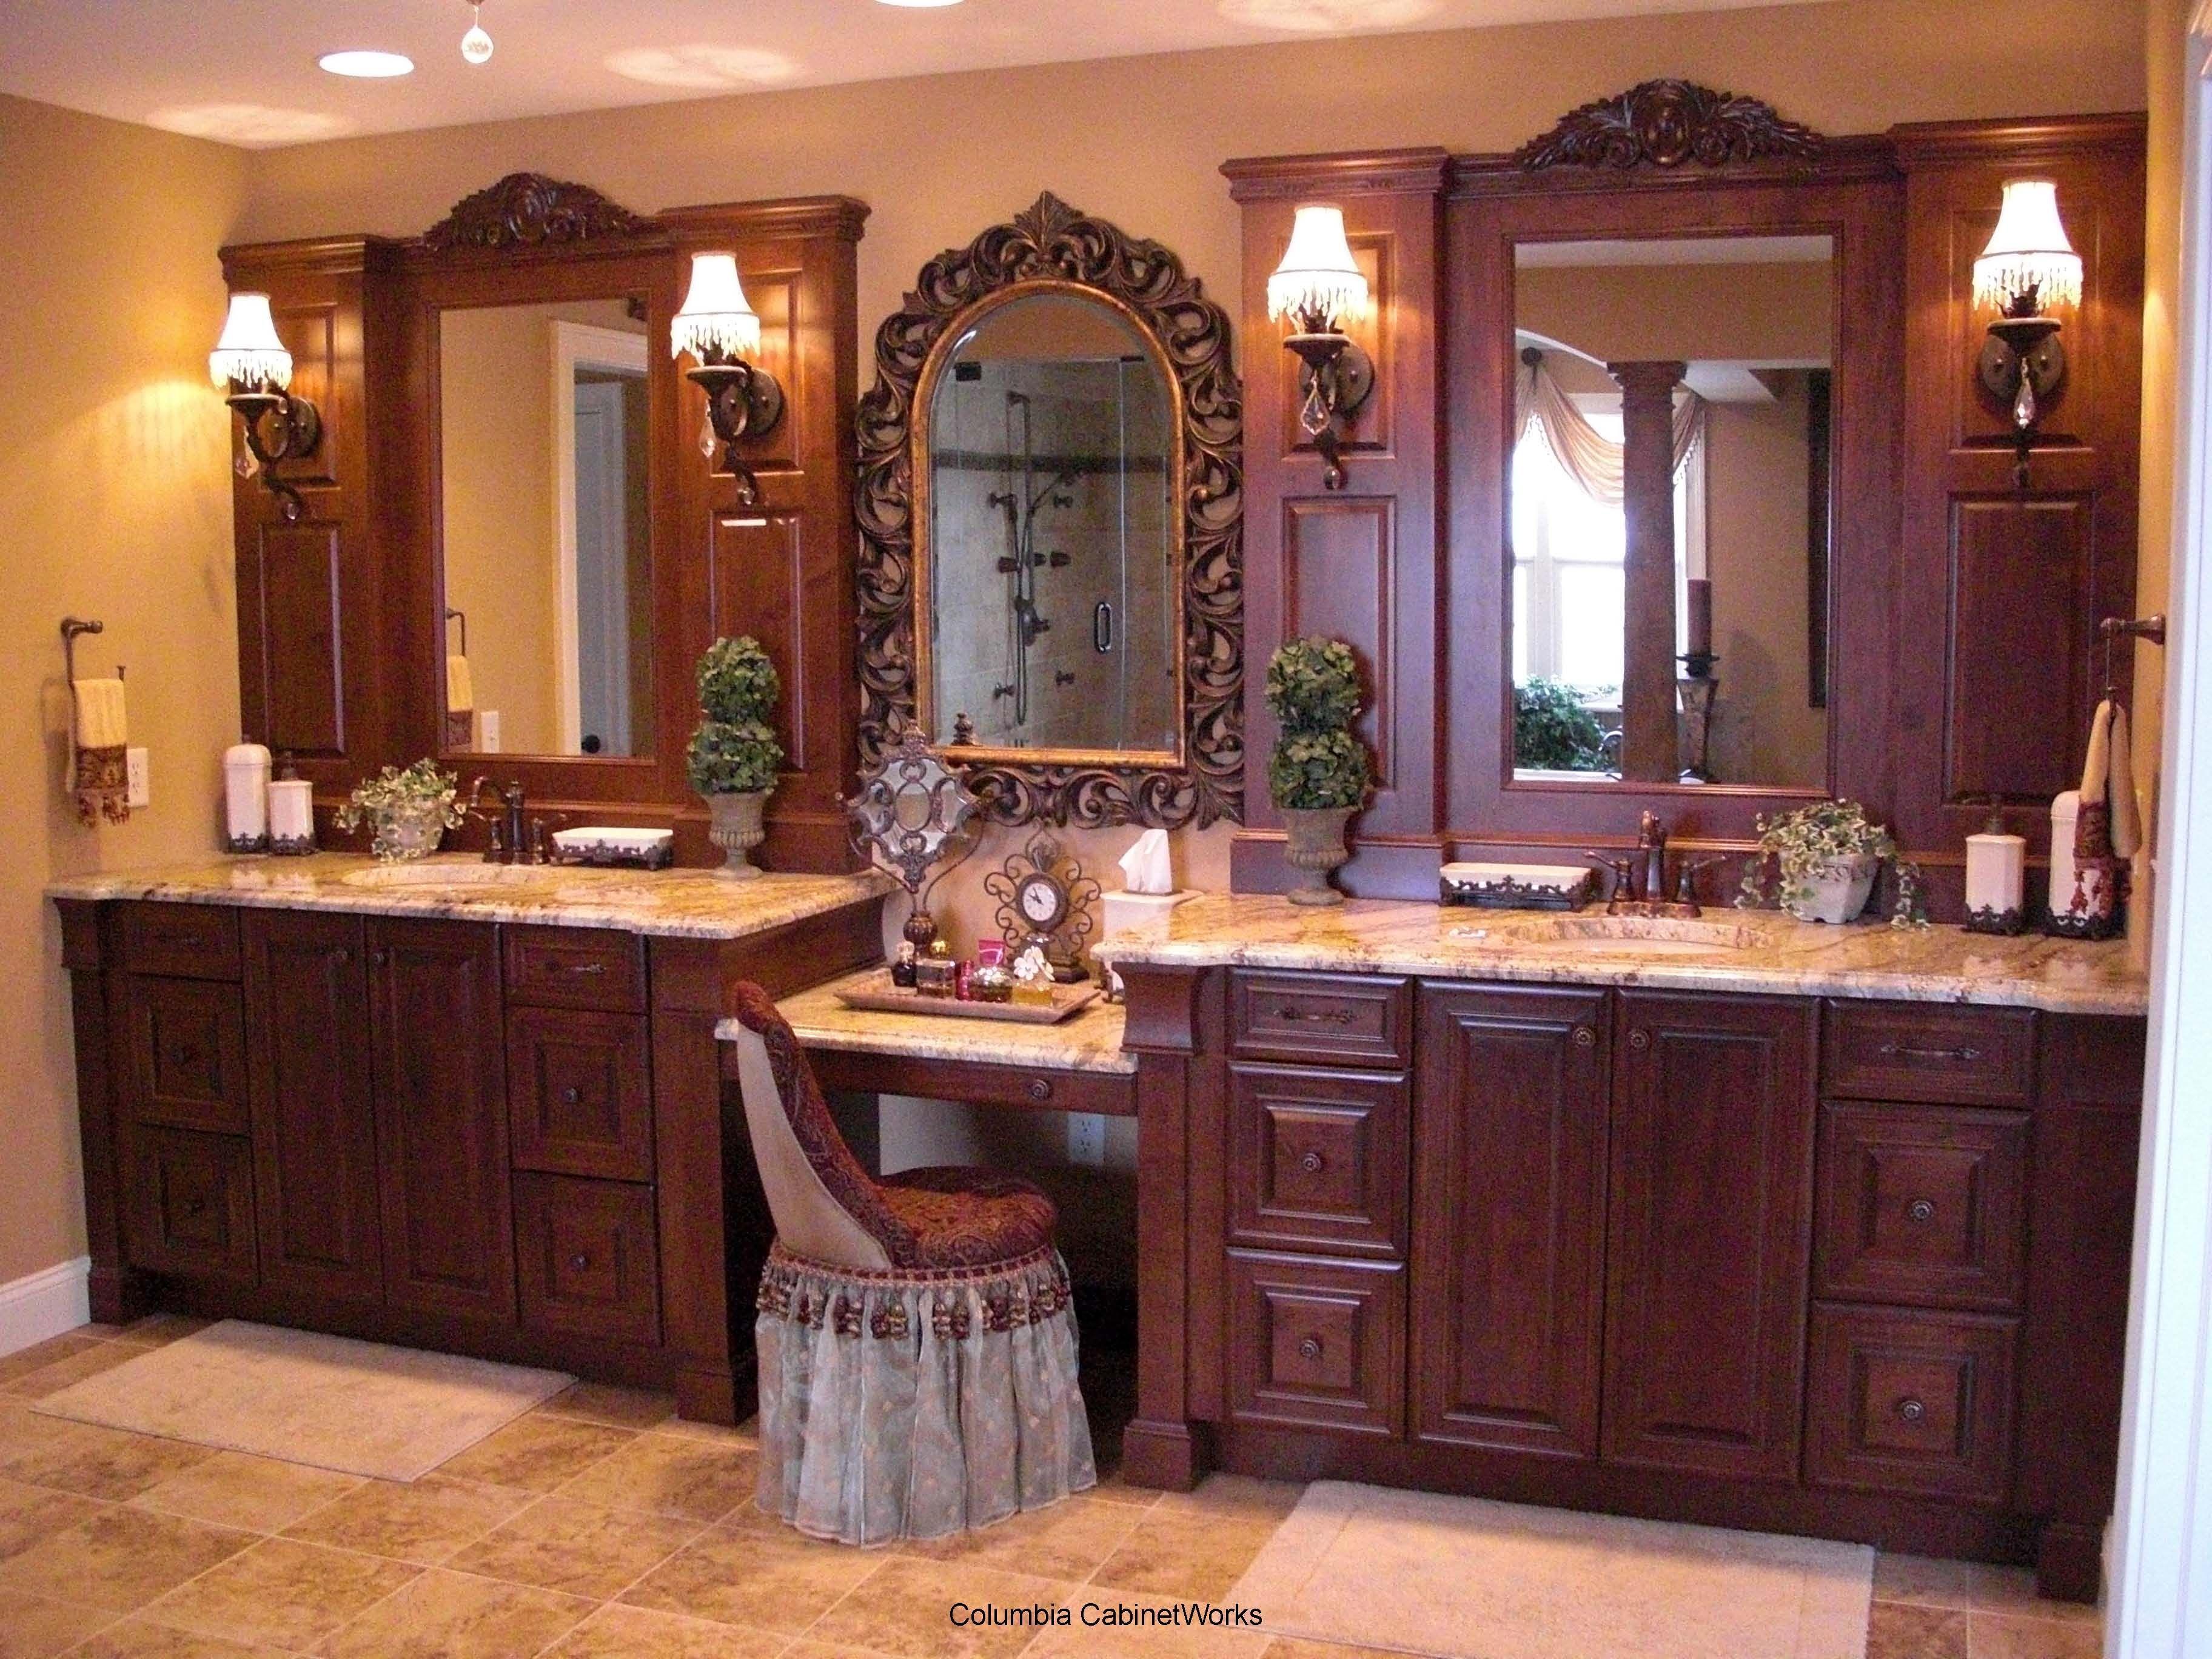 Imposing Simple Vanity Bathroom Ideas With Images Bathroom Vanity Decor Brown Bathroom Decor Master Bathroom Vanity